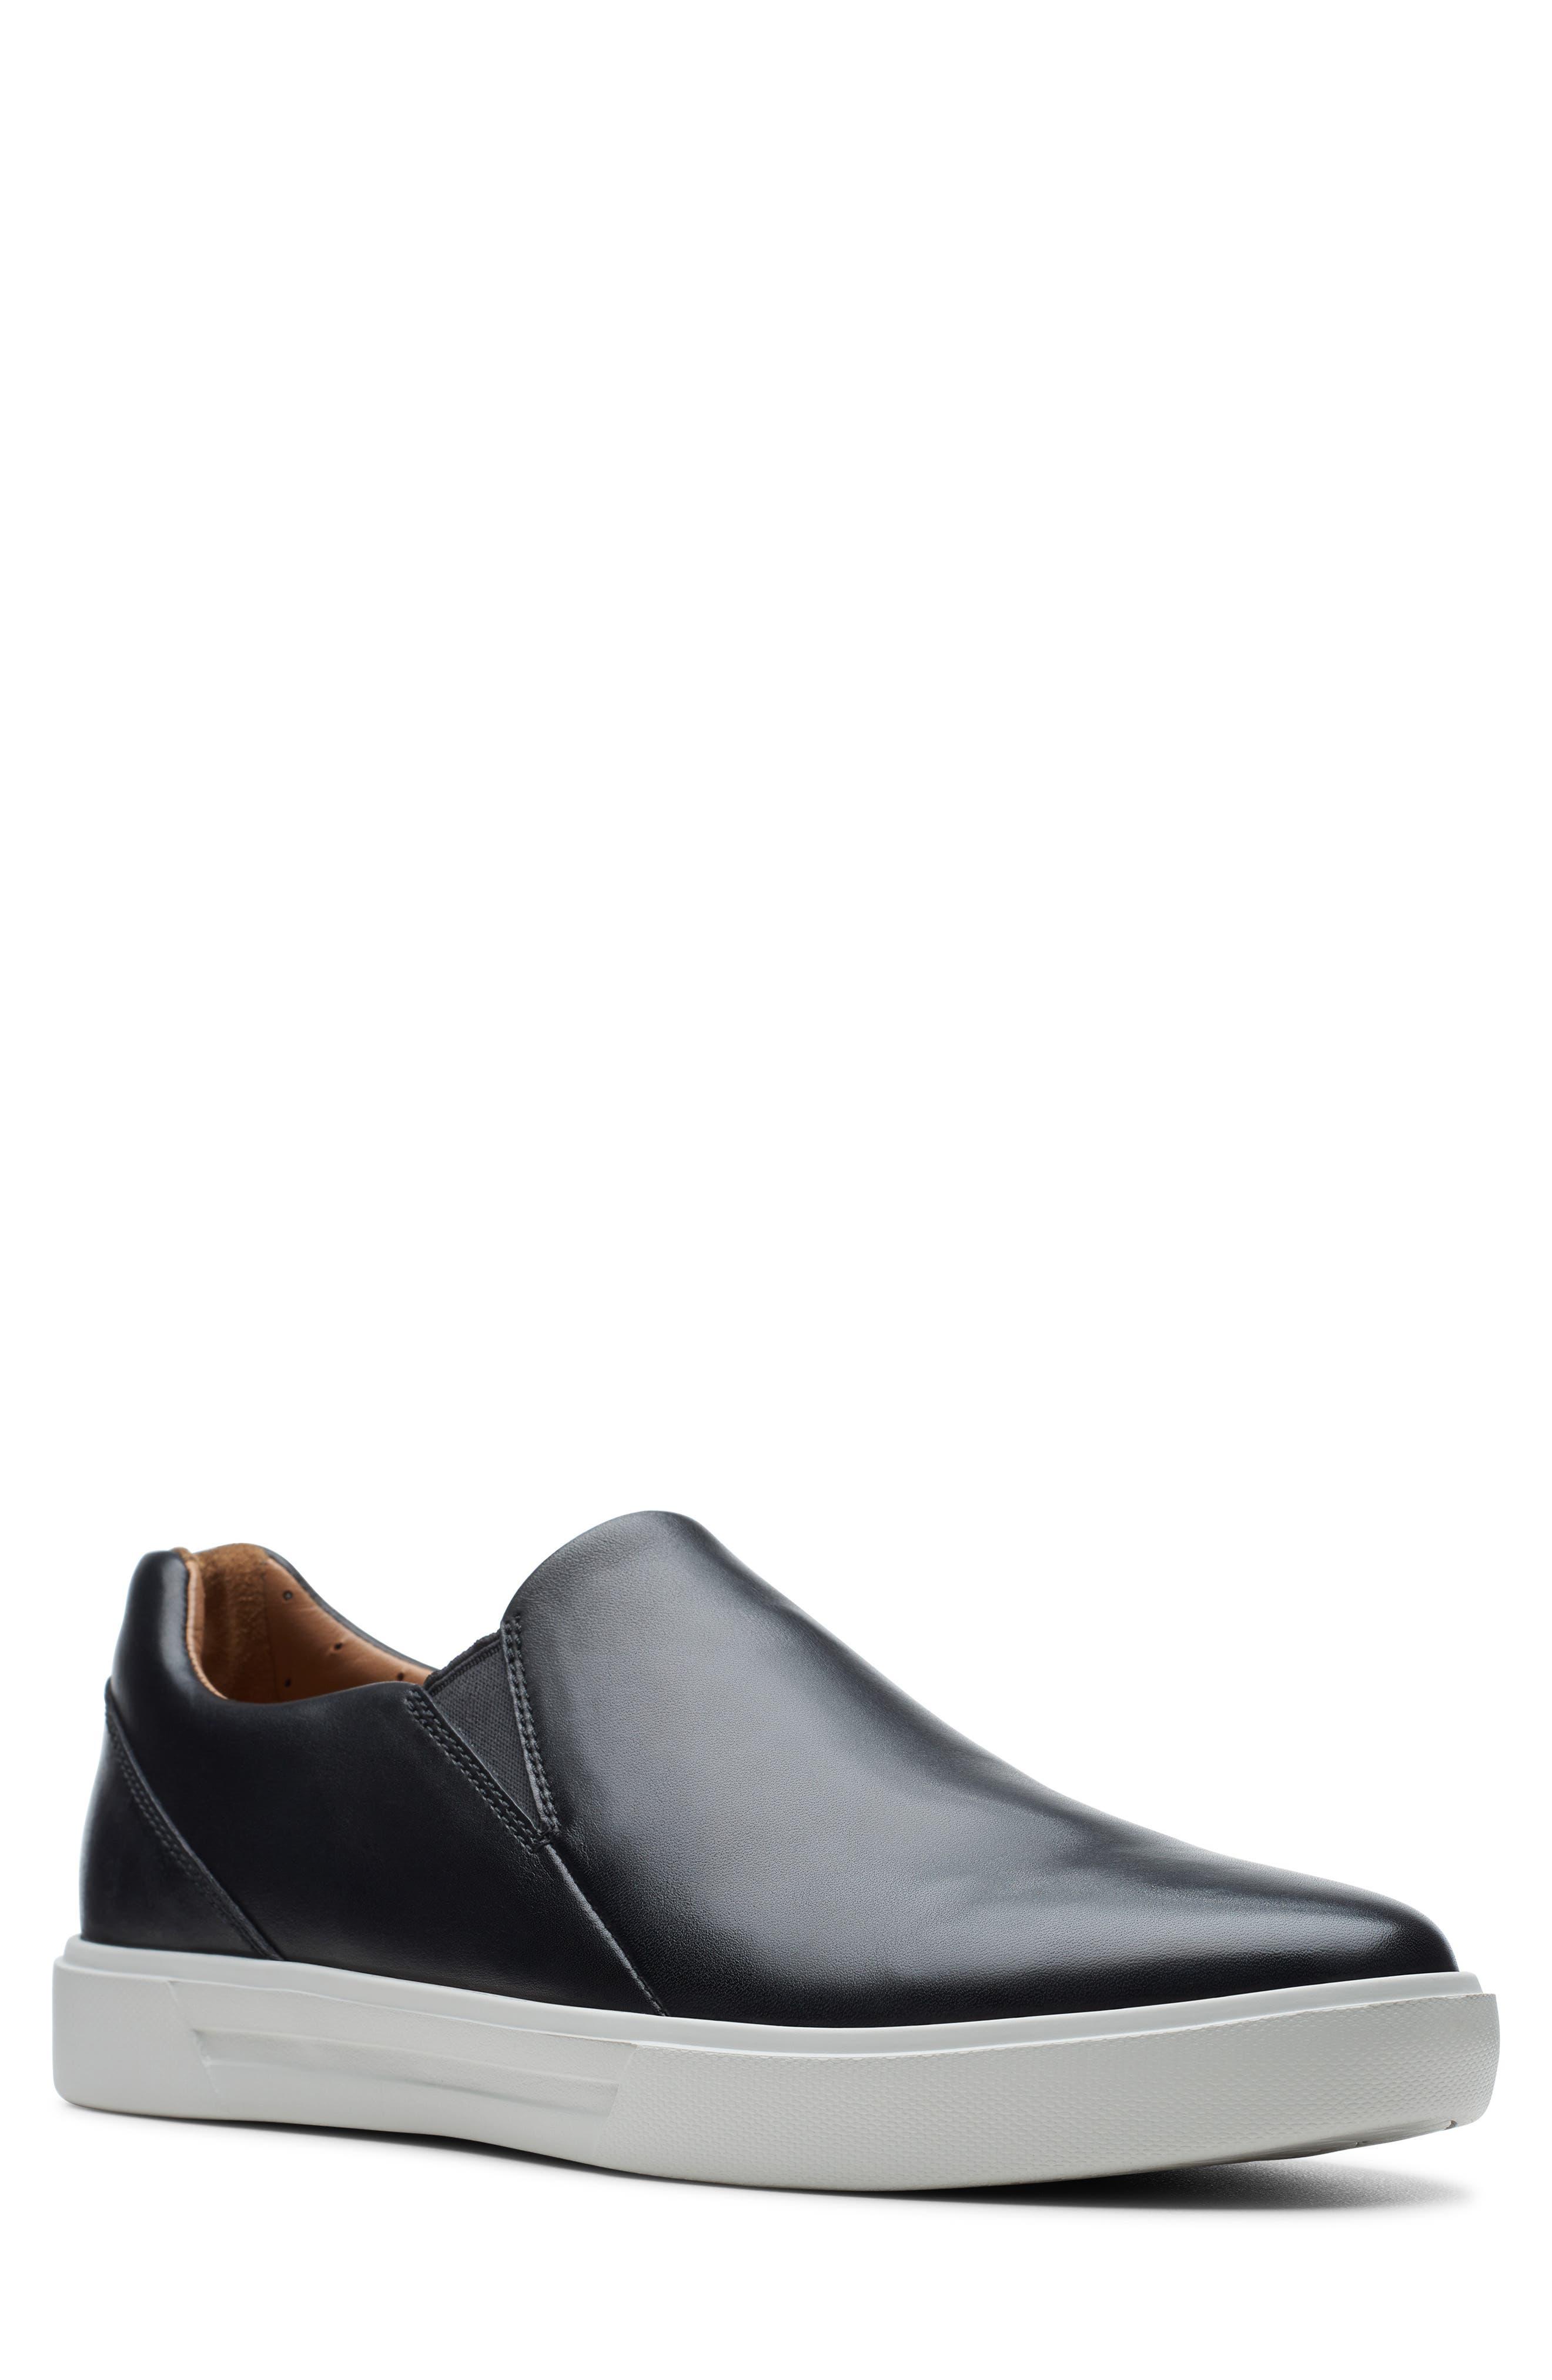 Clarks® Un Costa Step Slip-On (Men